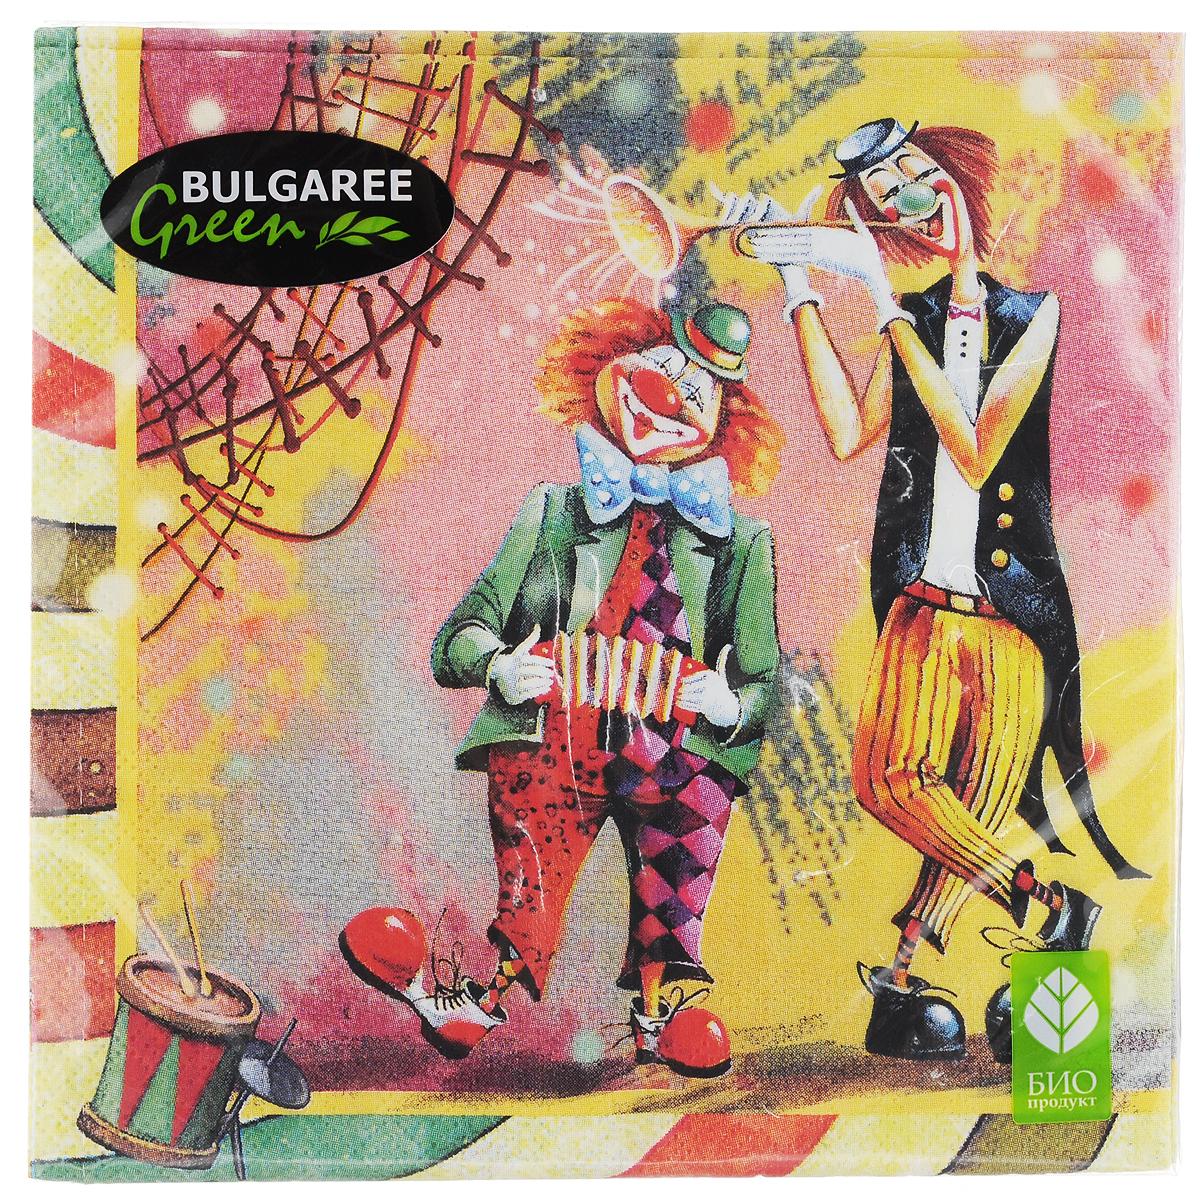 Салфетки бумажные Bulgaree Green Клоун, трехслойные, 33 х 33 см, 20 шт1001835Декоративные трехслойные салфетки Bulgaree Green Клоун выполнены из 100% целлюлозы европейского качества и оформлены ярким рисунком. Изделия станут отличным дополнением любого праздничного стола. Они отличаются необычной мягкостью, прочностью и оригинальностью. Размер салфеток в развернутом виде: 33 х 33 см.